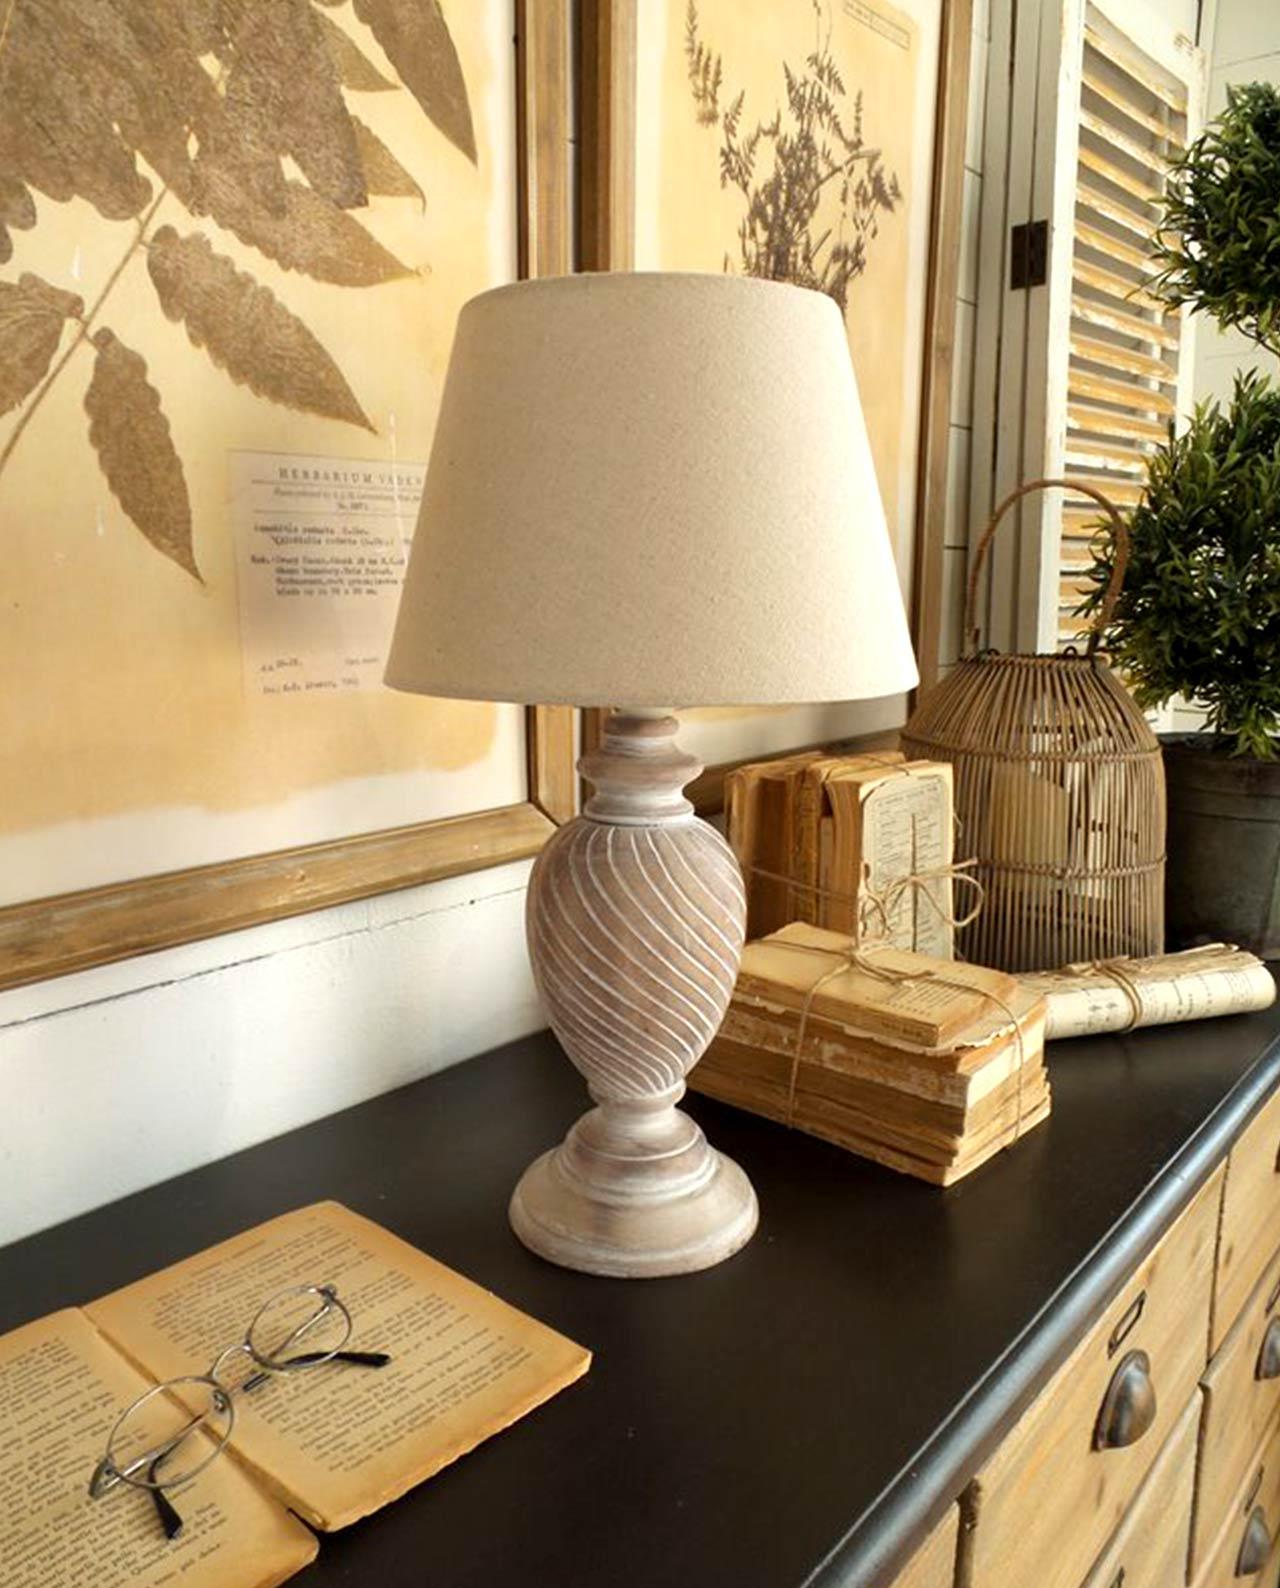 Lampada da tavolo in legno intagliato country mobilia store home favours - Lampade da tavolo in legno ...